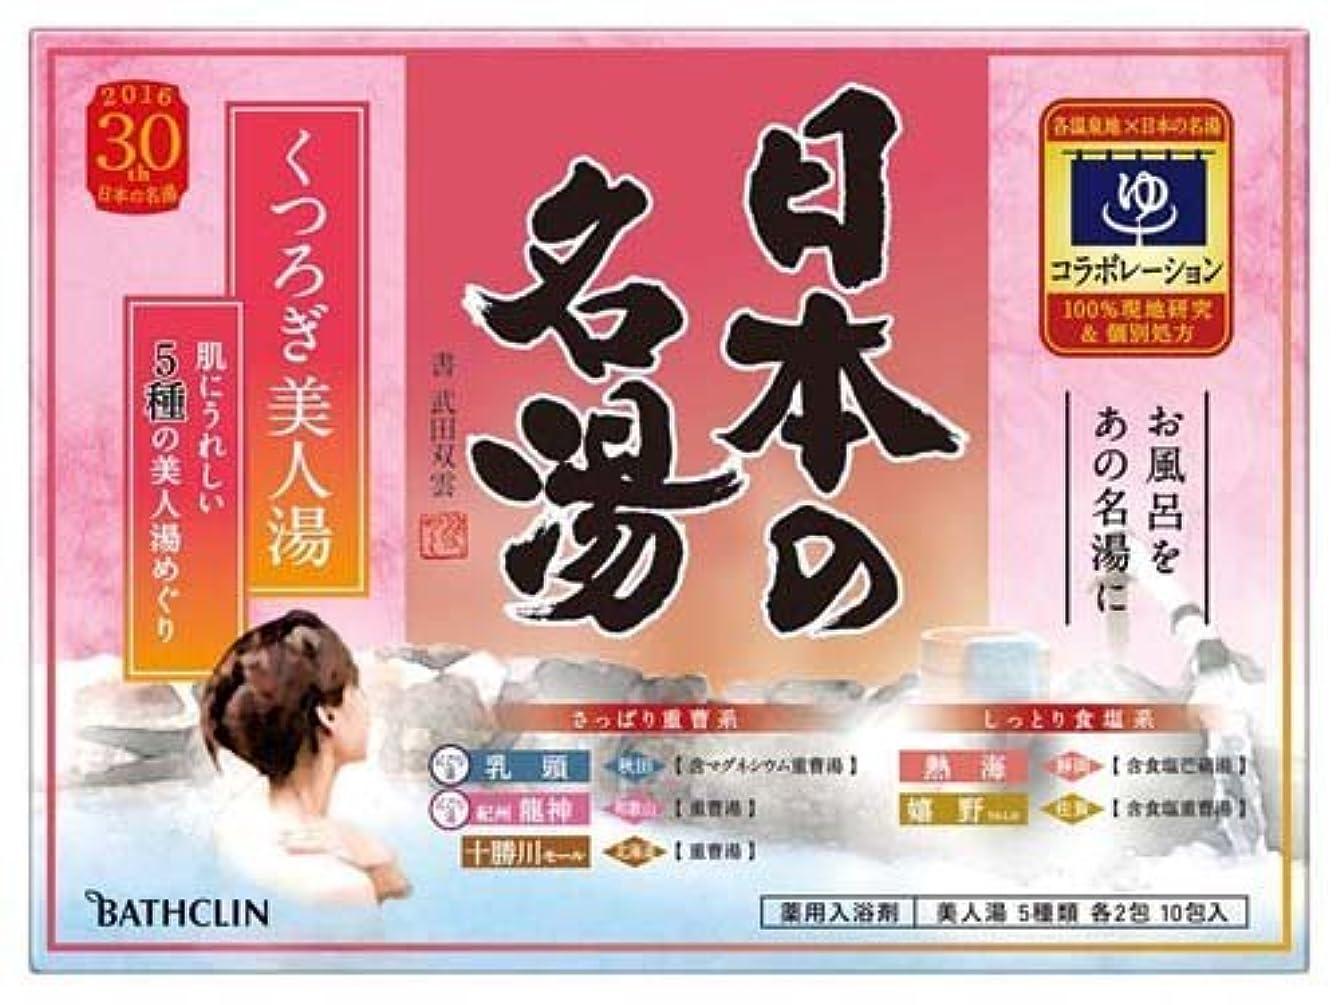 正義ローマ人だらしない日本の名湯 くつろぎ美人湯 30g 10包入り 入浴剤 (医薬部外品) × 3個セット